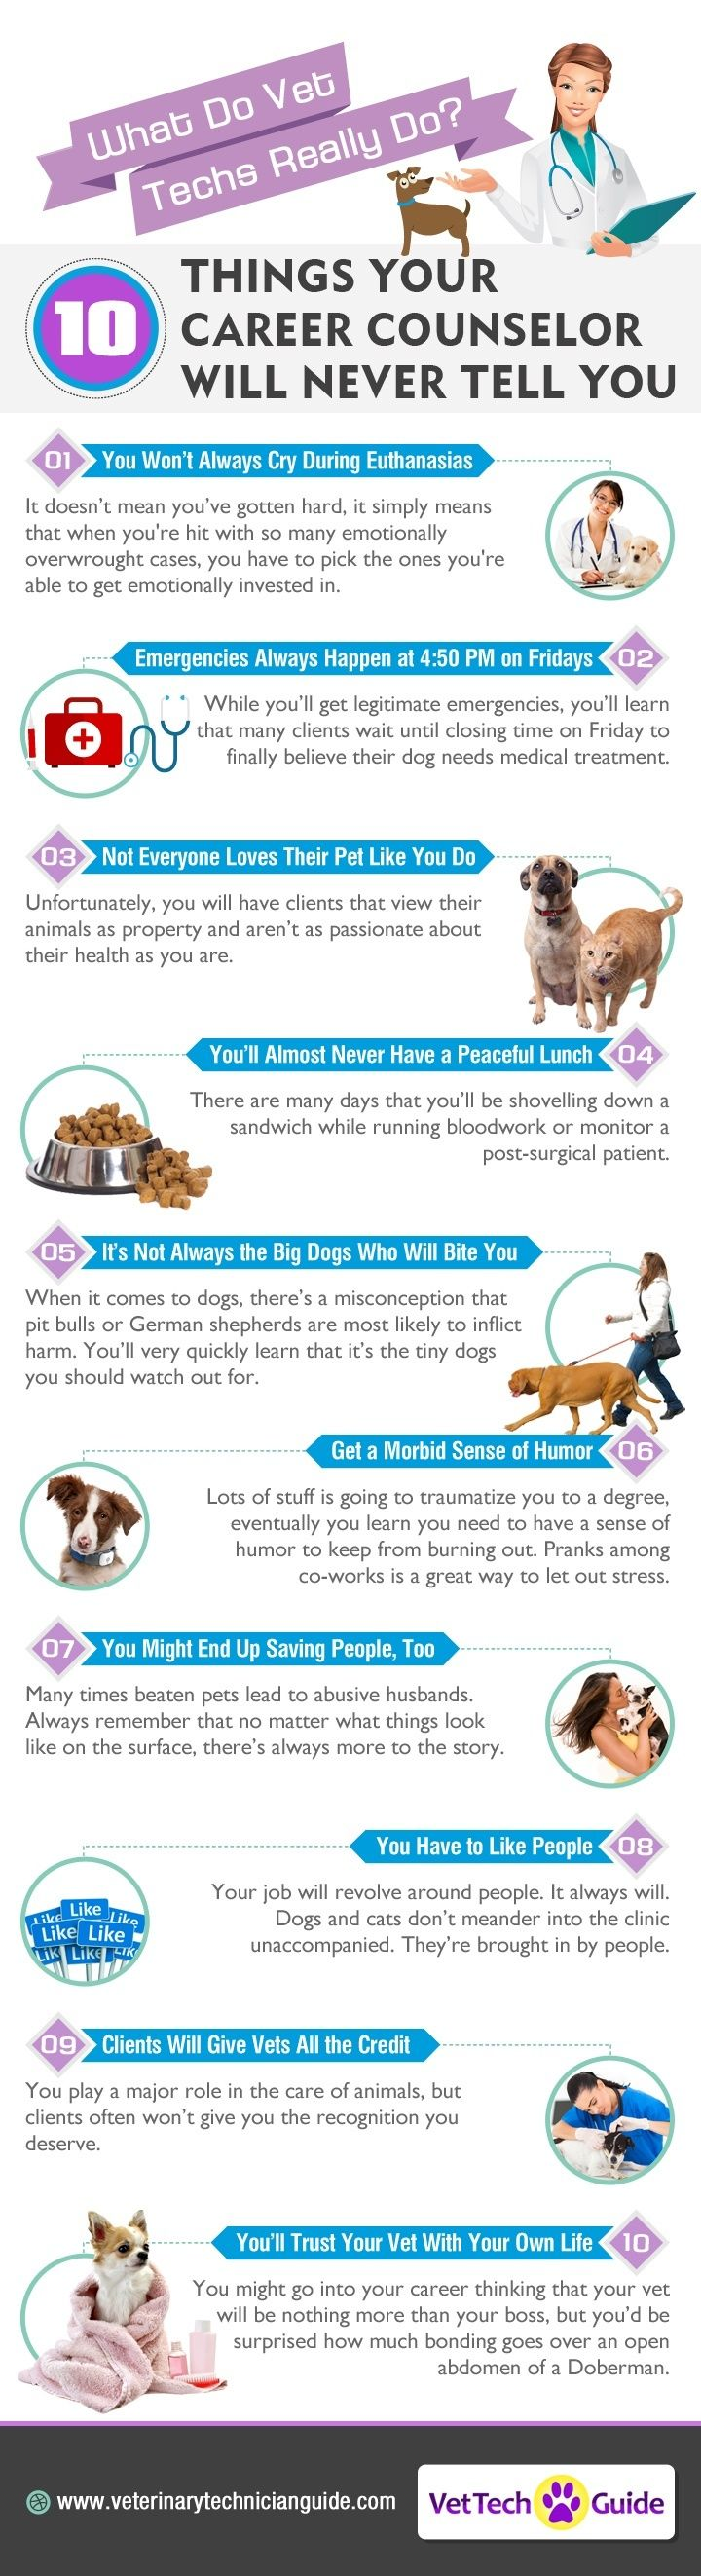 best veterinarian images on pinterest vet med veterinary